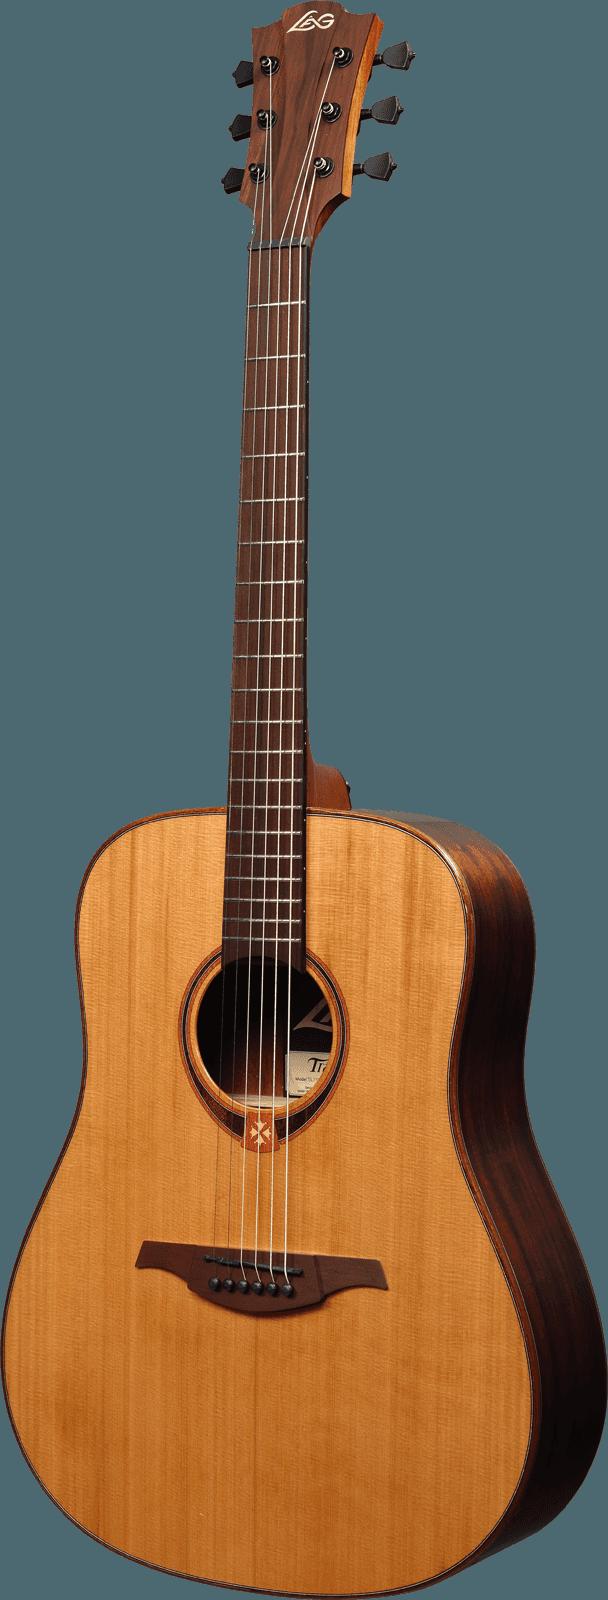 Guitare folk Lâg TL118D GAUCHER - Voir en grand